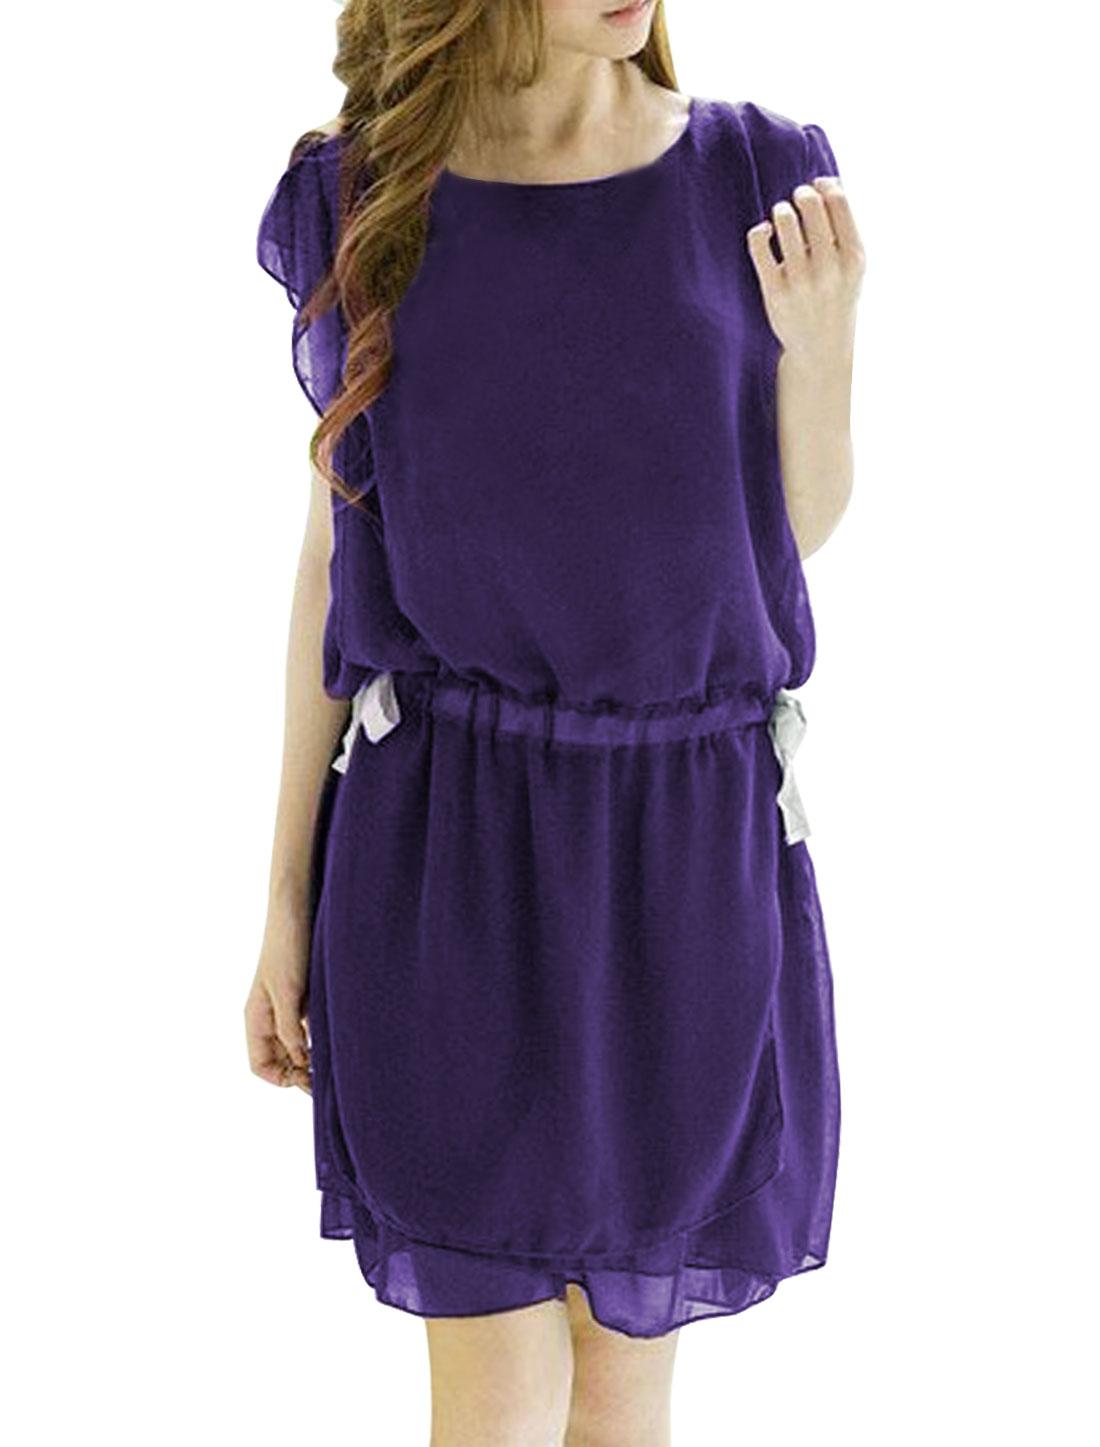 Lady White Waist Strap Short Sleeve Purple Chiffon Dress